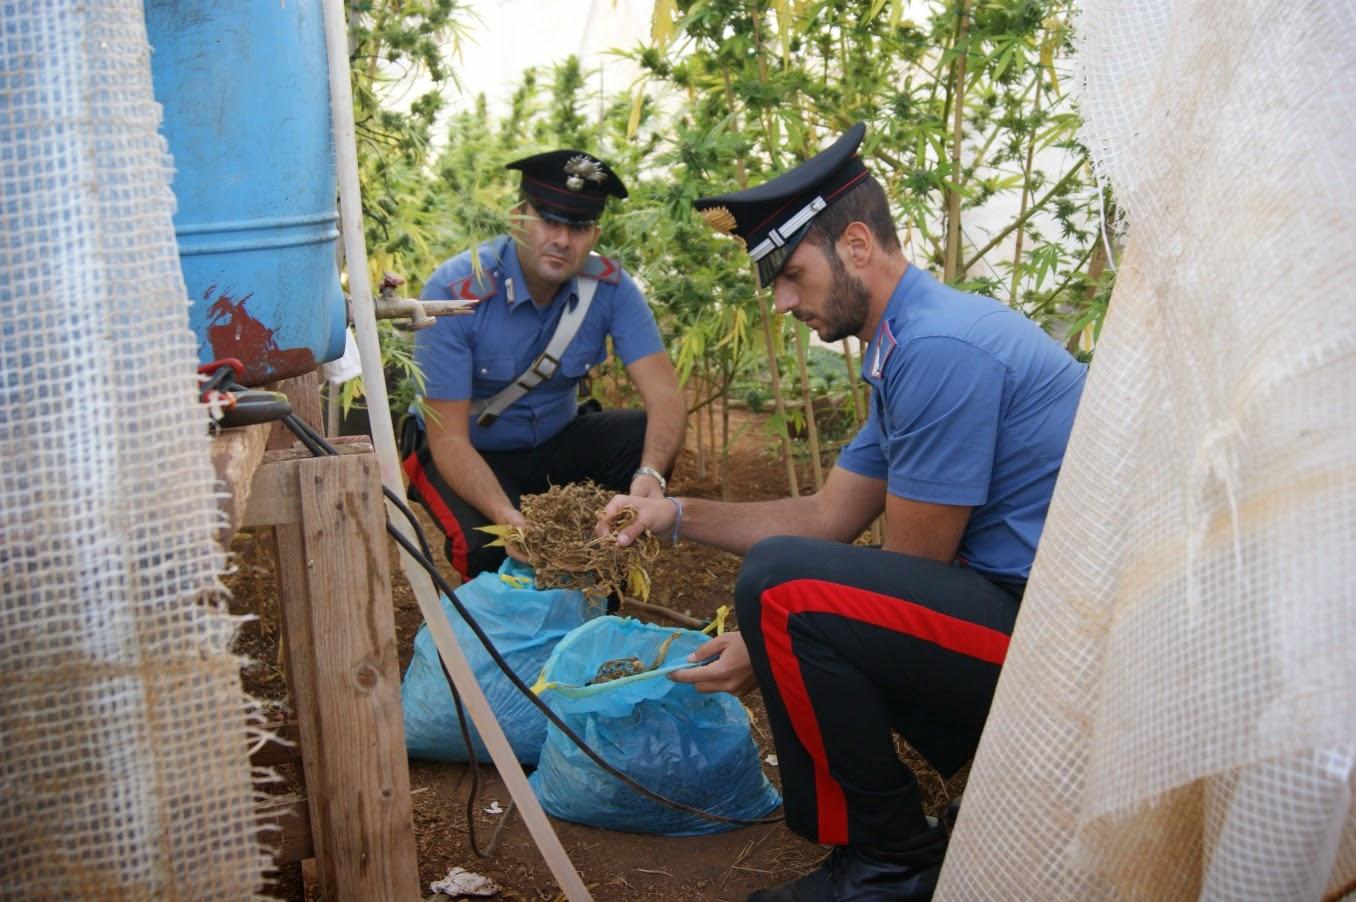 I Carabinieri di Pugliua in azione